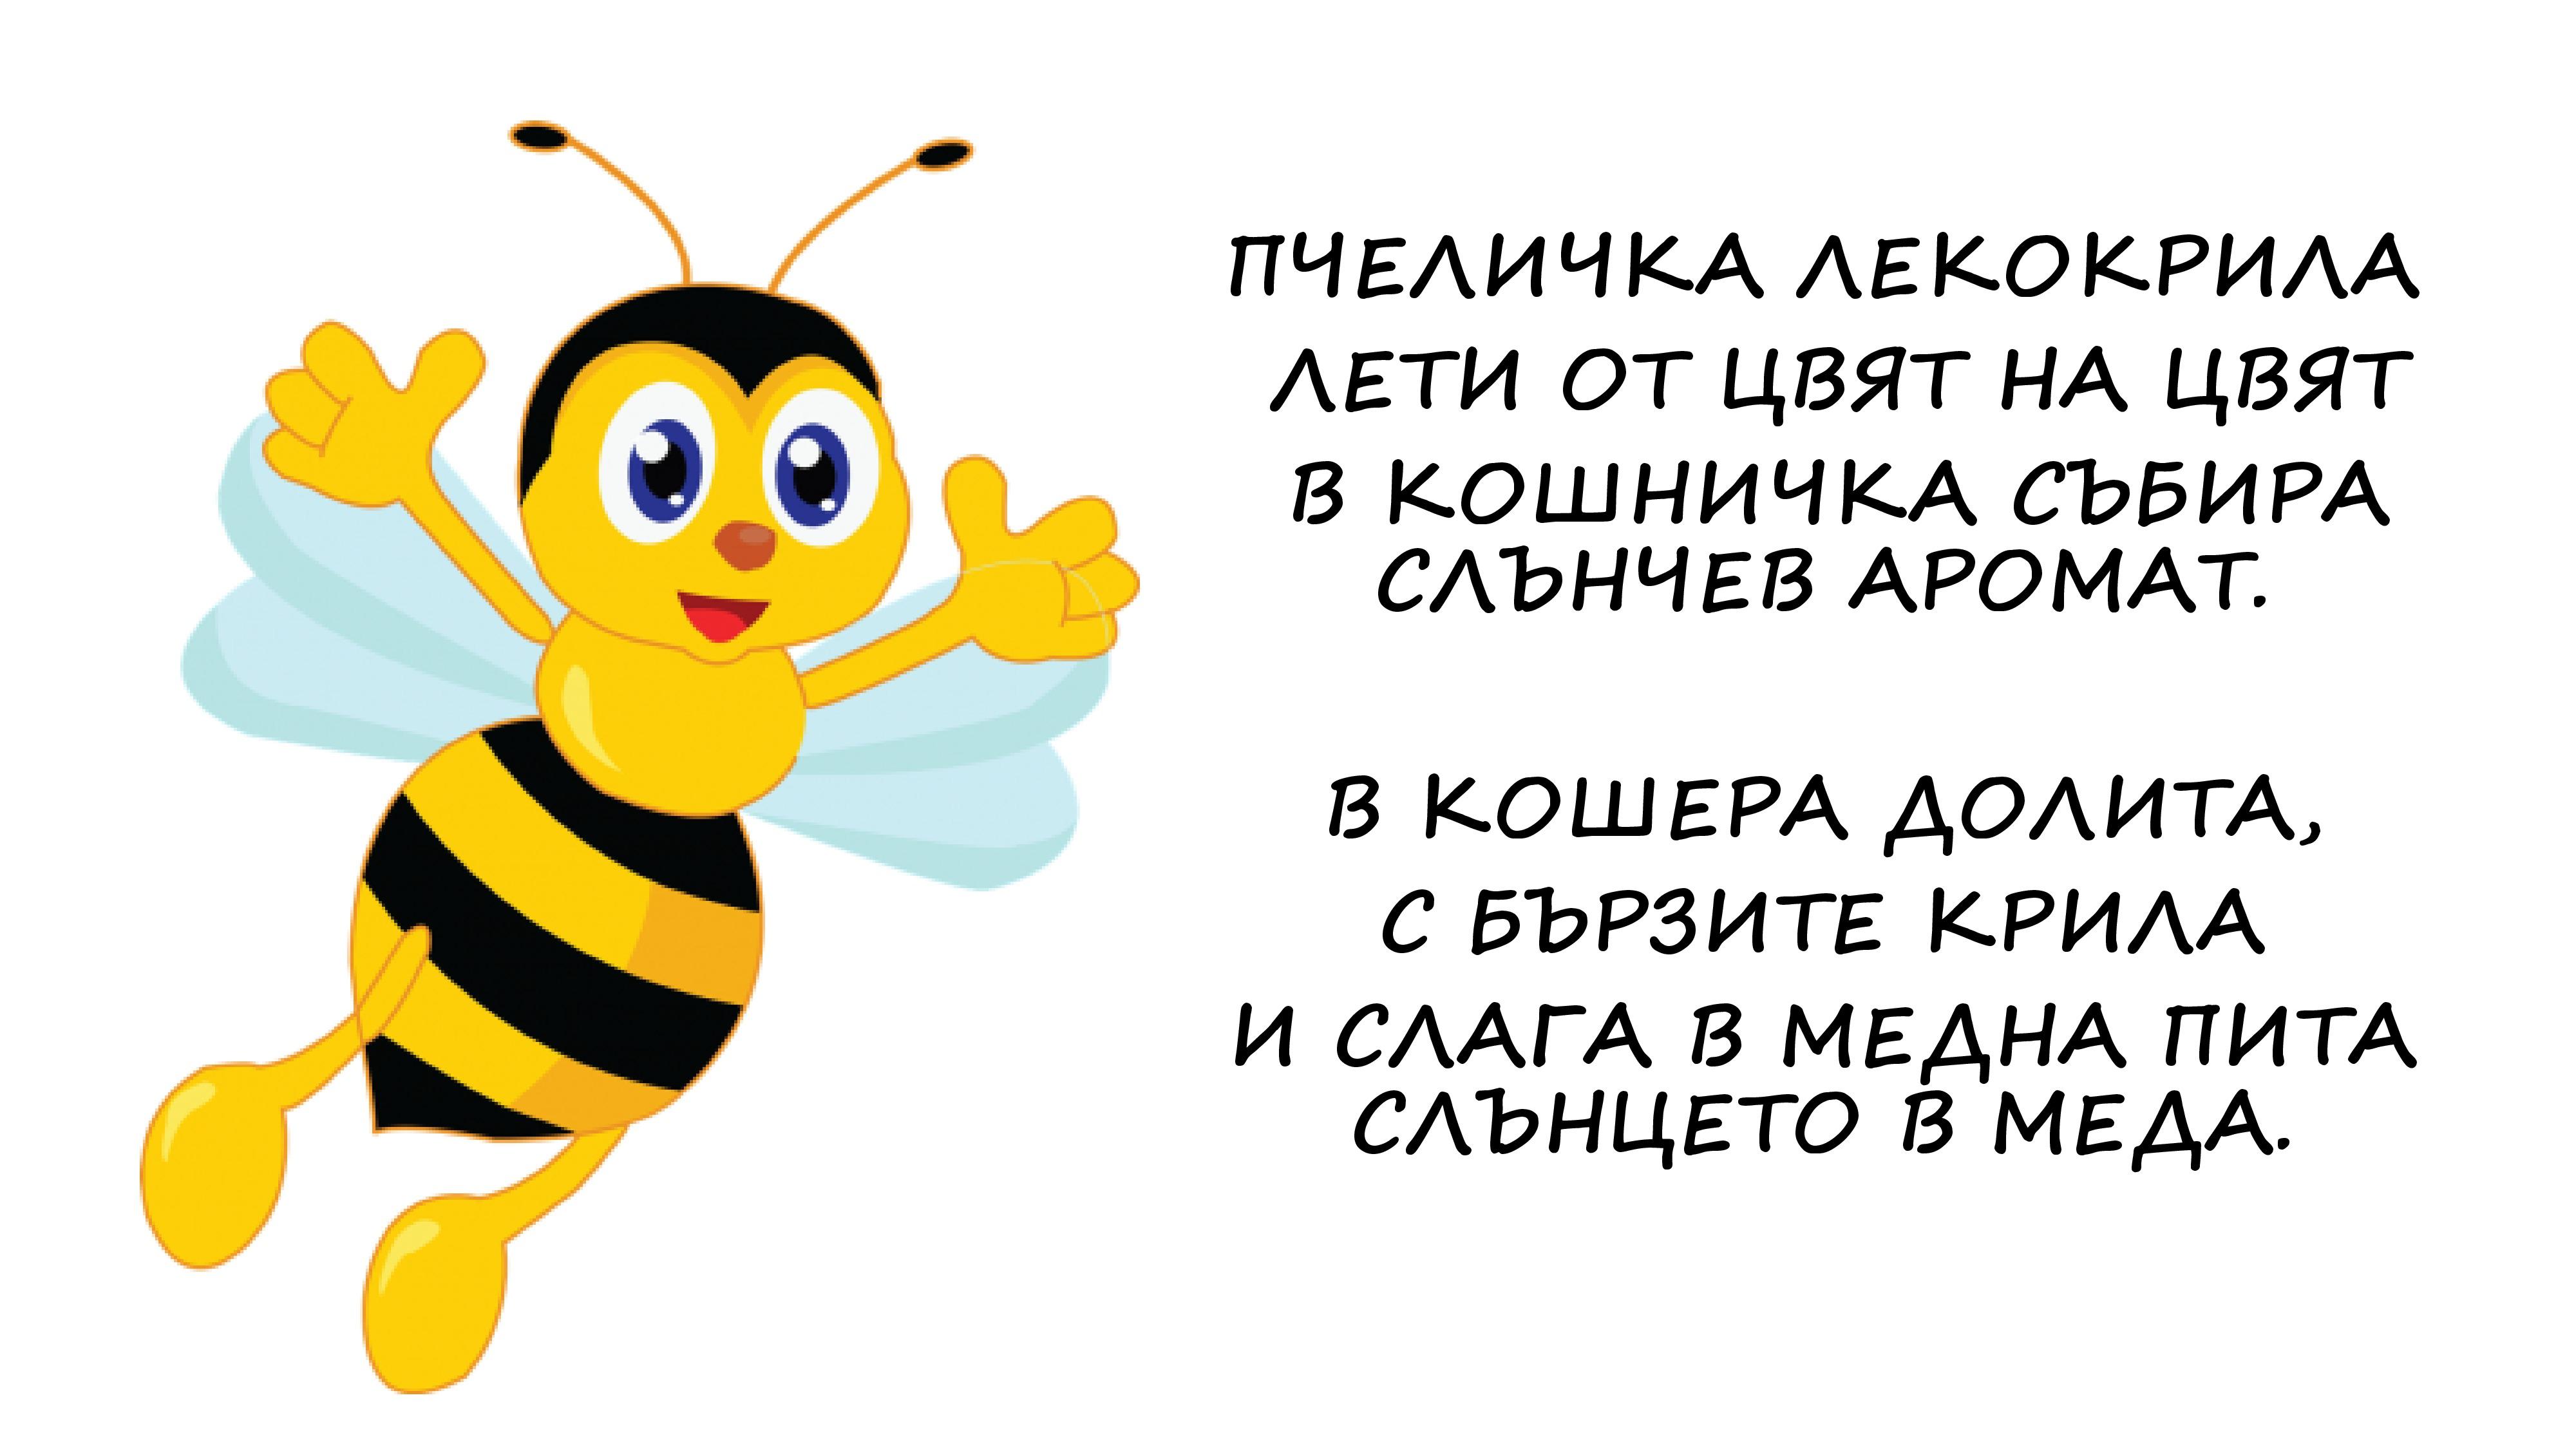 pchelichka